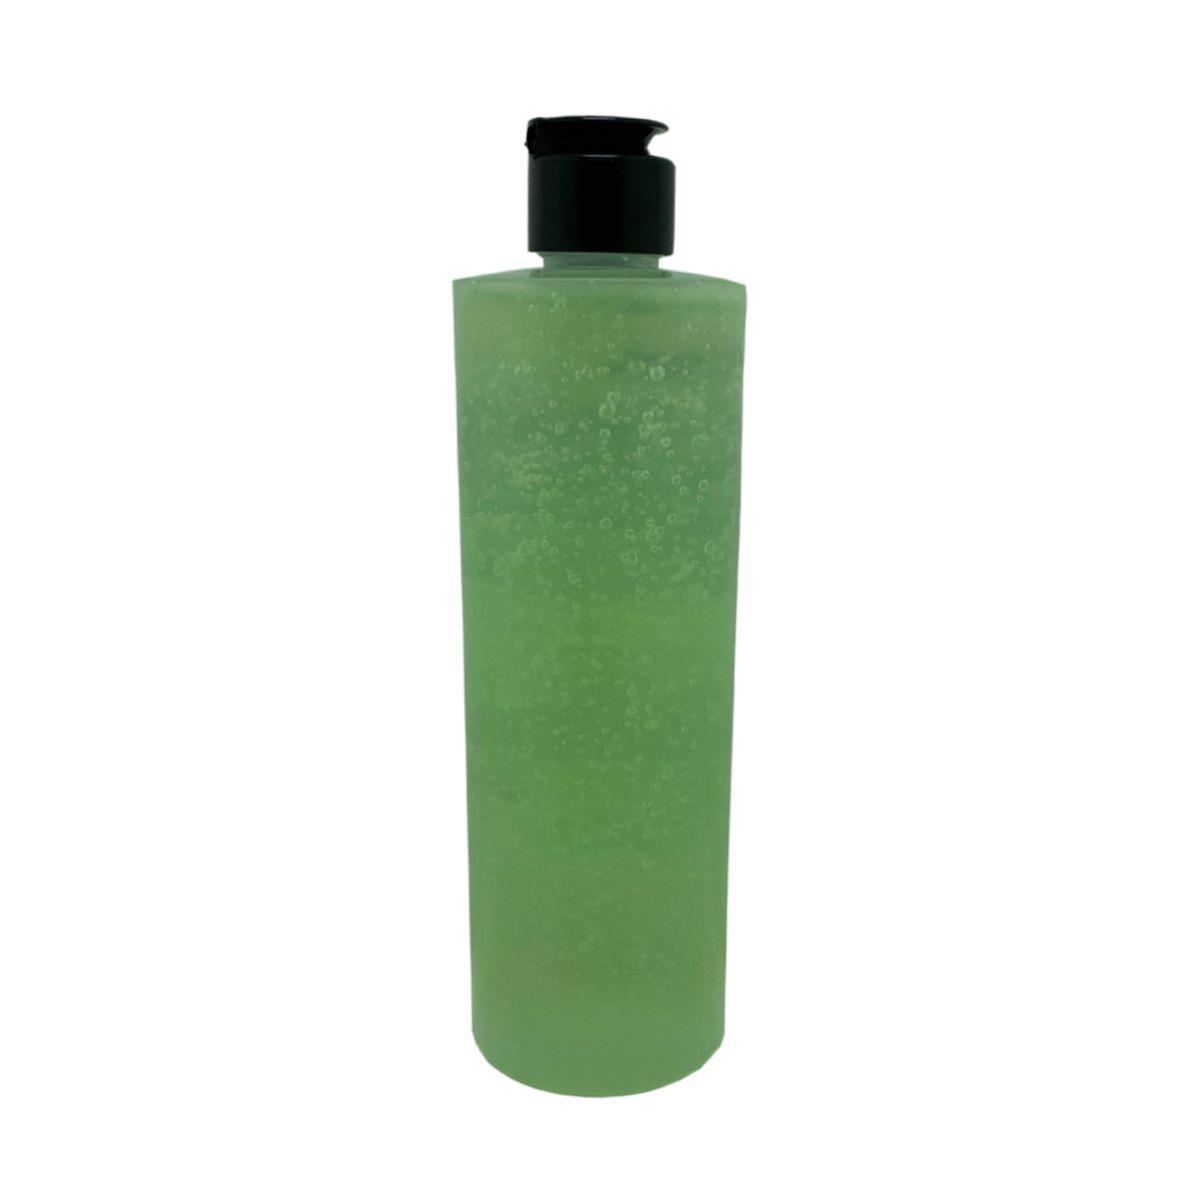 2 Uni Álcool em Gel 70% Higienizador 430g